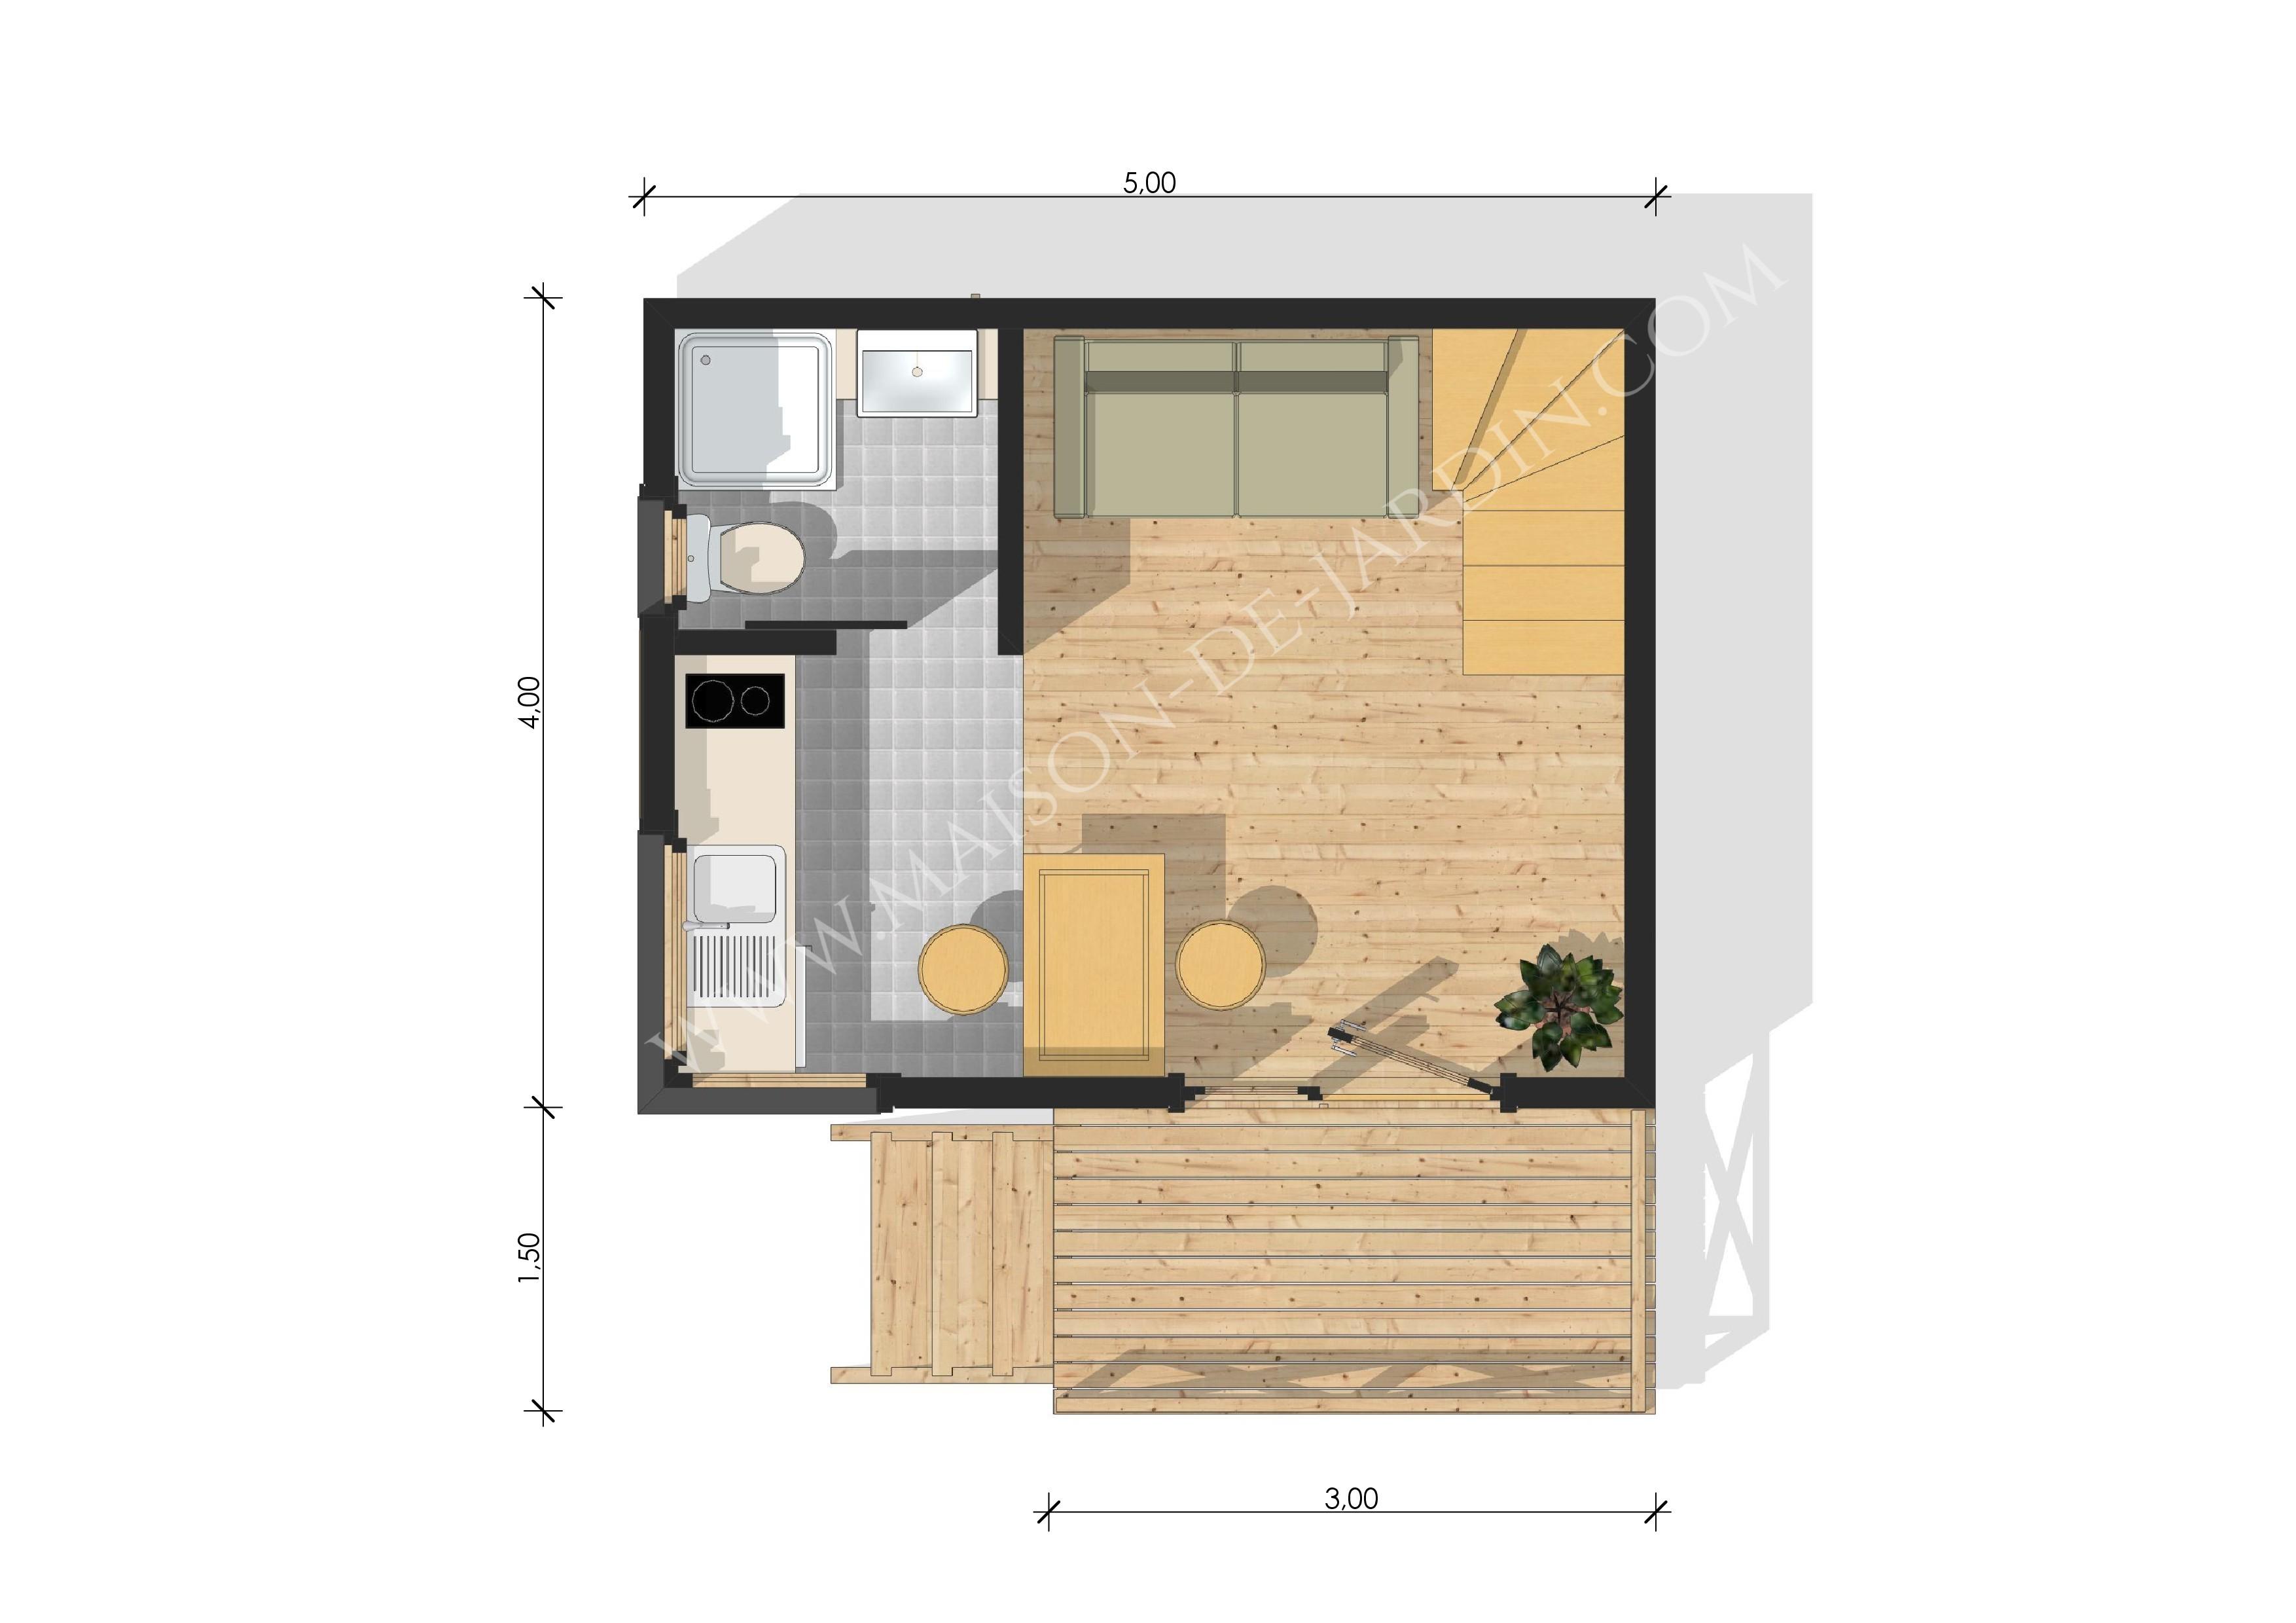 studio de jardin avec ossature bois lille 37 m 33900 ttc livr mont cl en main. Black Bedroom Furniture Sets. Home Design Ideas